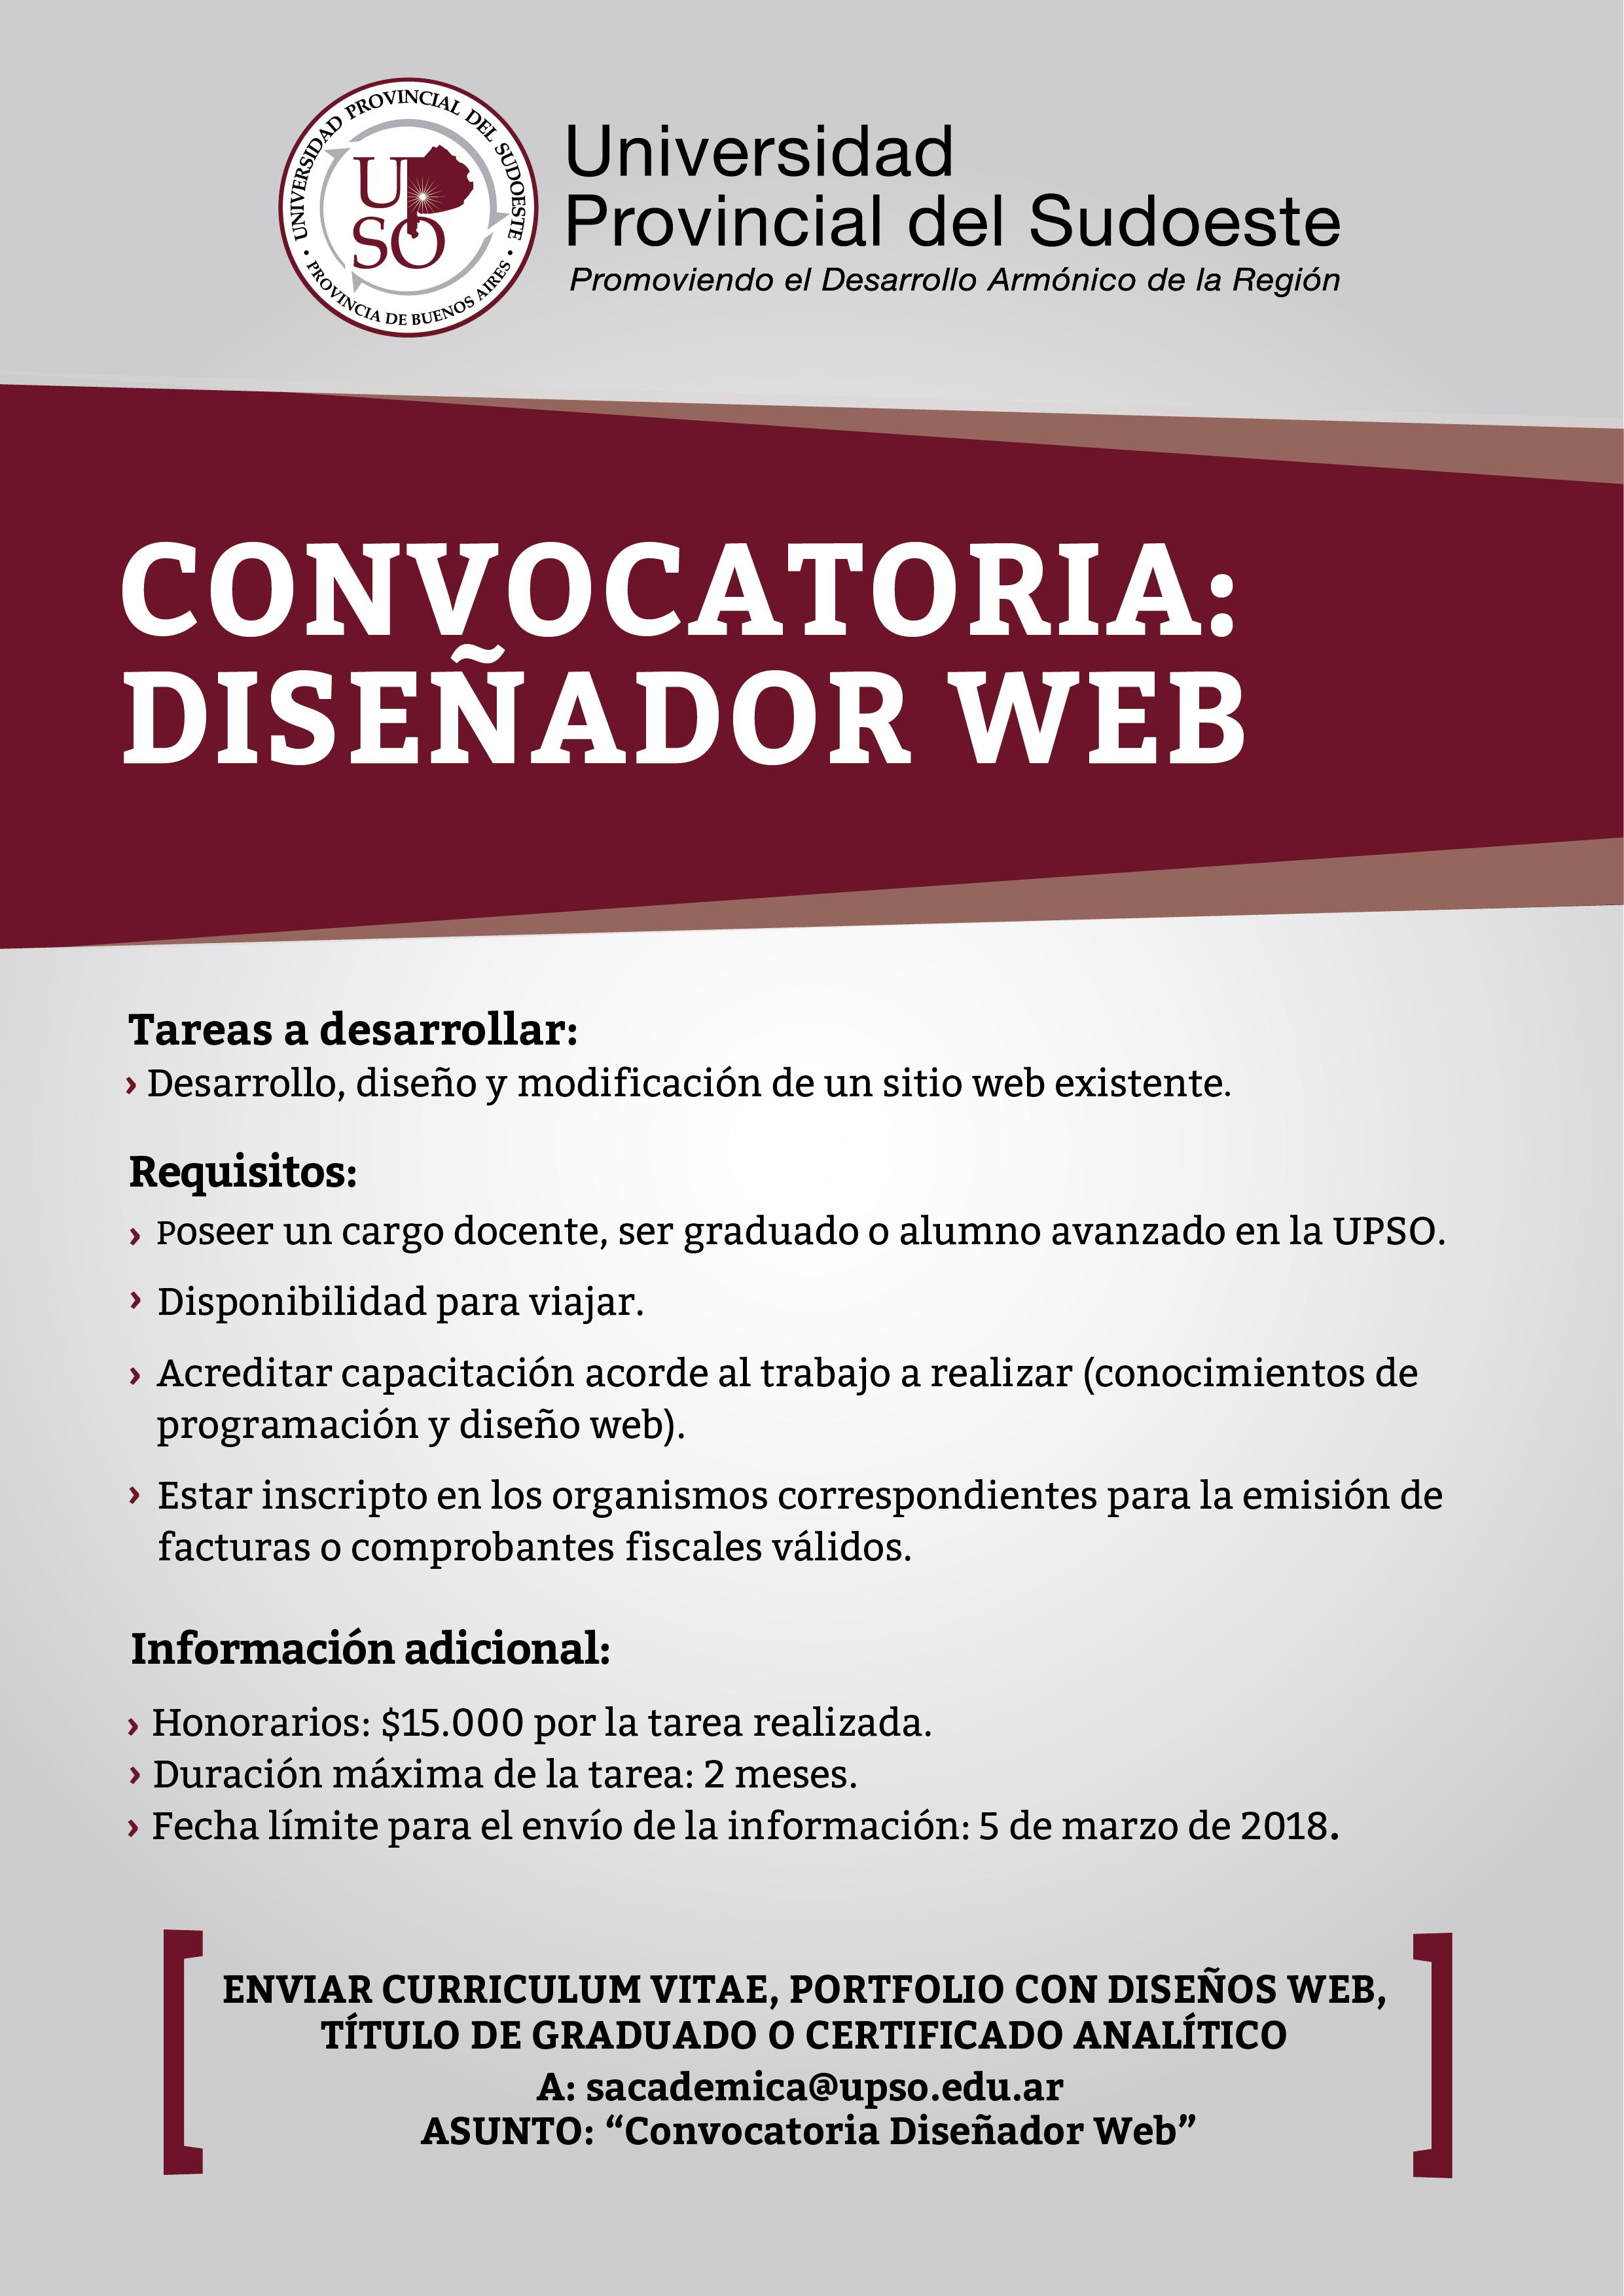 Convocatoria dirigida a docentes graduados y alumnos de for Convocatoria docente